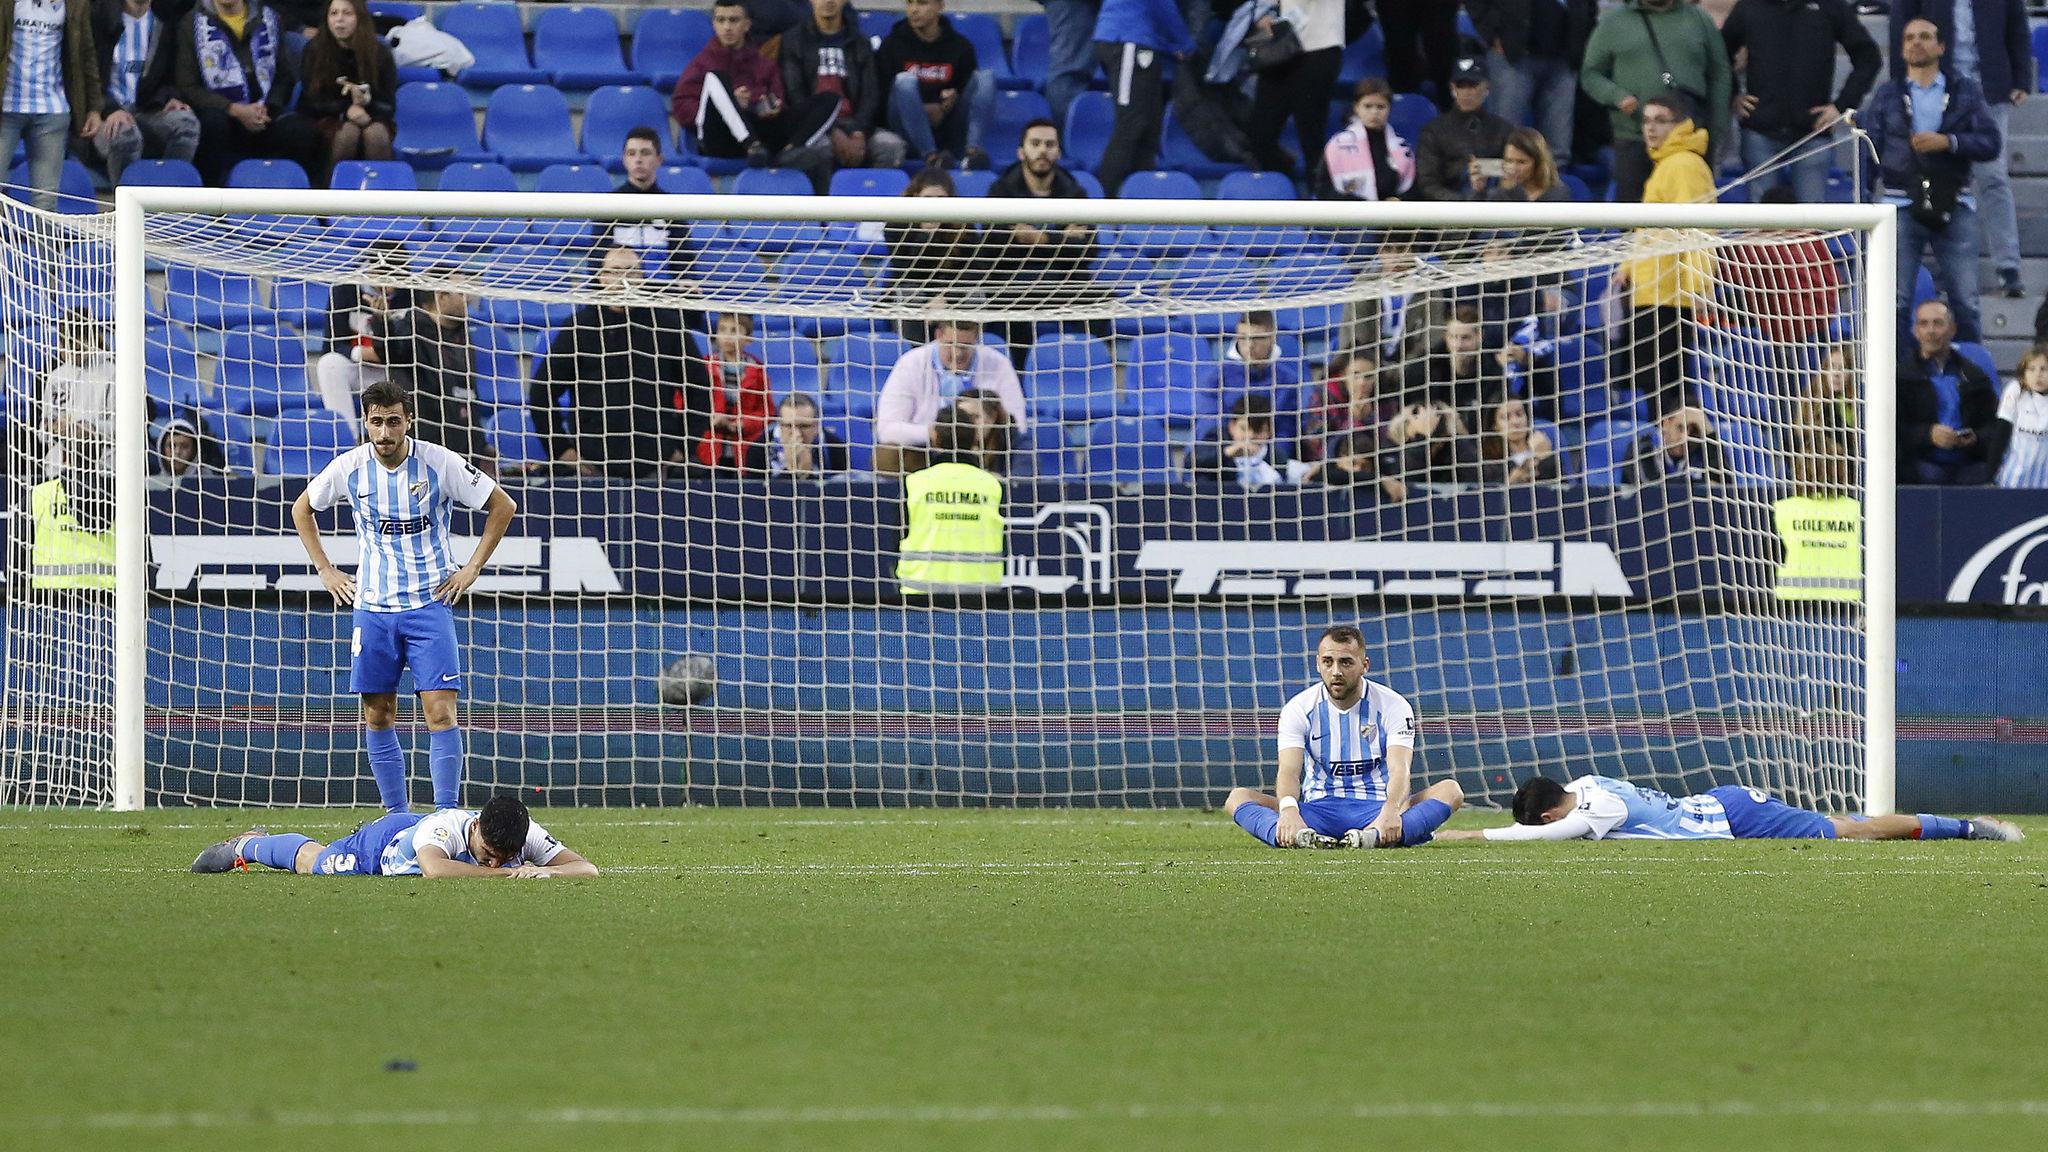 Los jugadores del Málaga, tras perder contra el Lugo en La Rosaleda